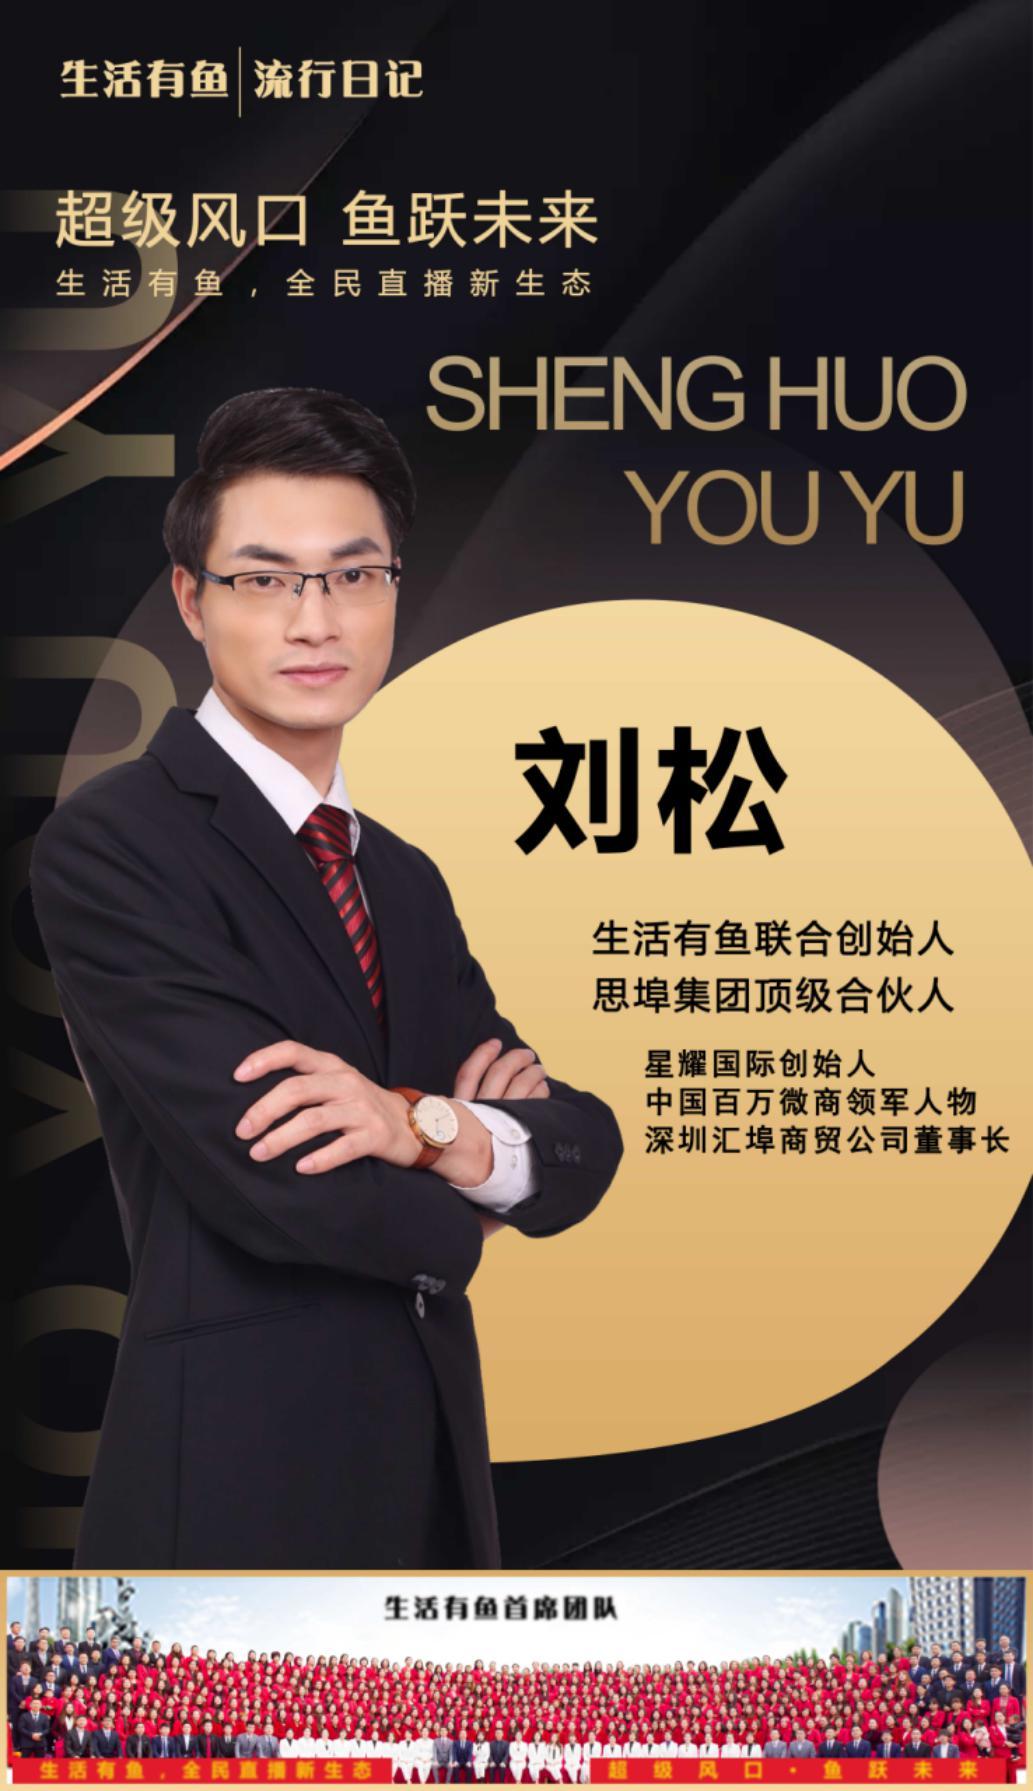 生活有鱼联合创始人刘松分享创业心得——激情和状态是我唯一的资产